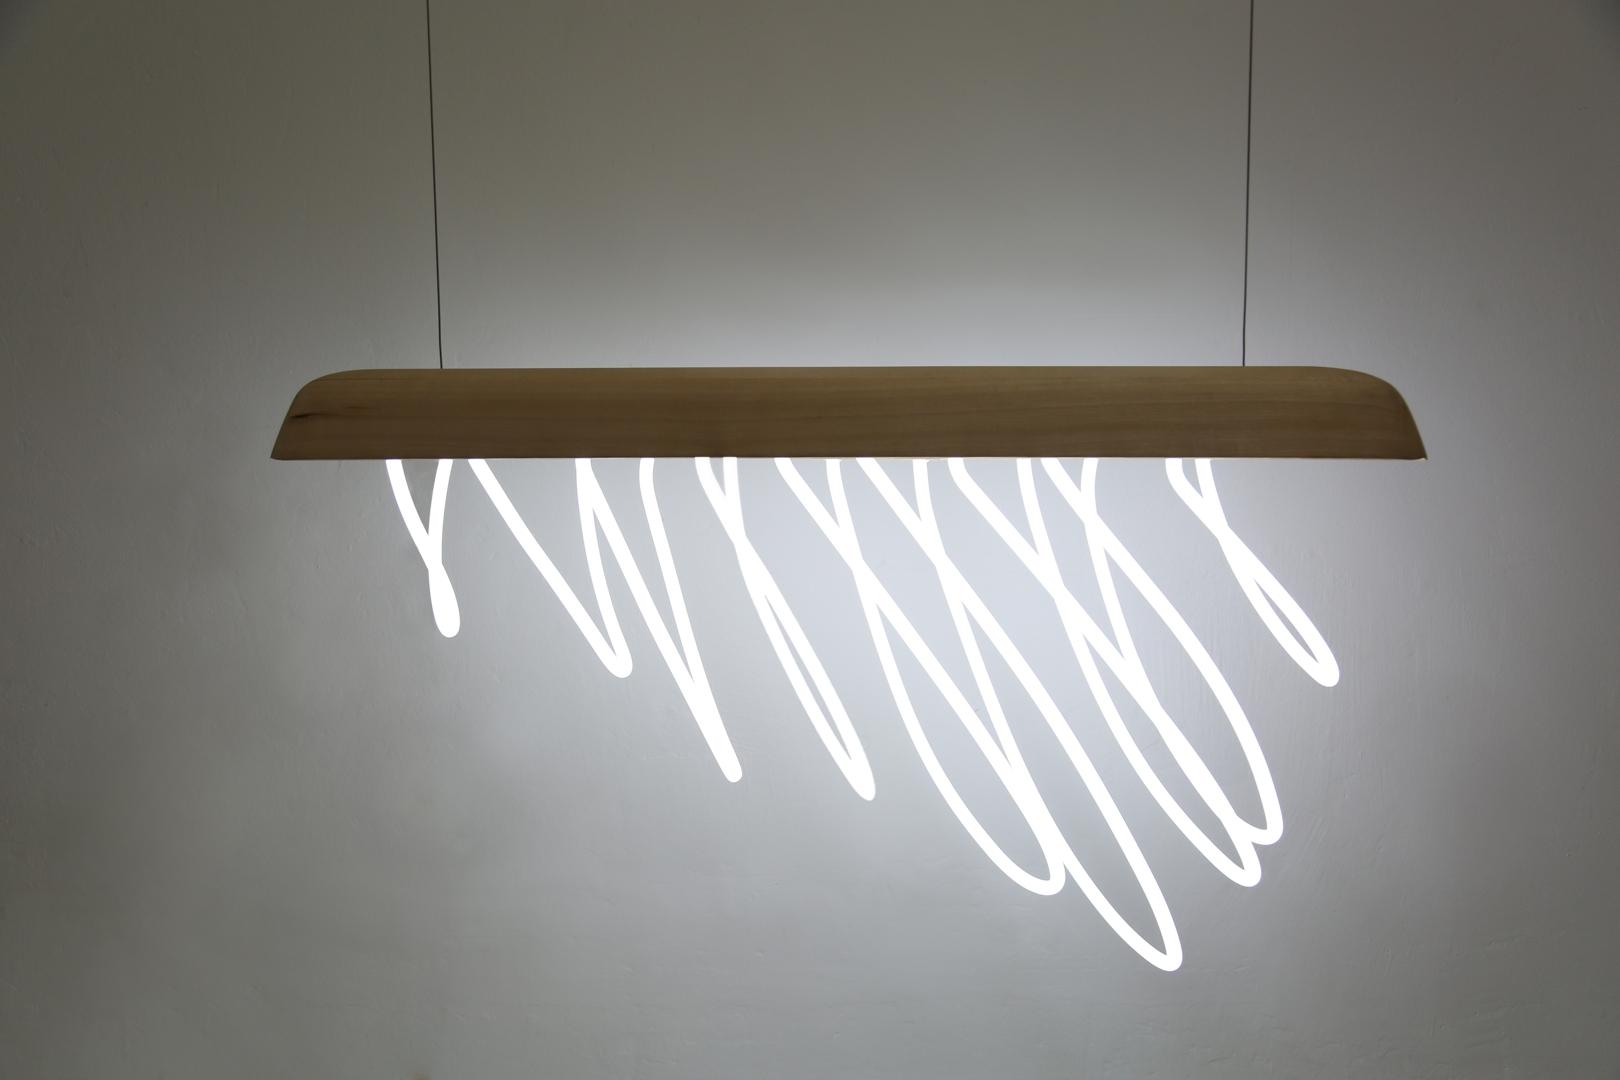 Constance  Guisset  La  pluie  dans  la  maison  ceiling  lamp  2012   image